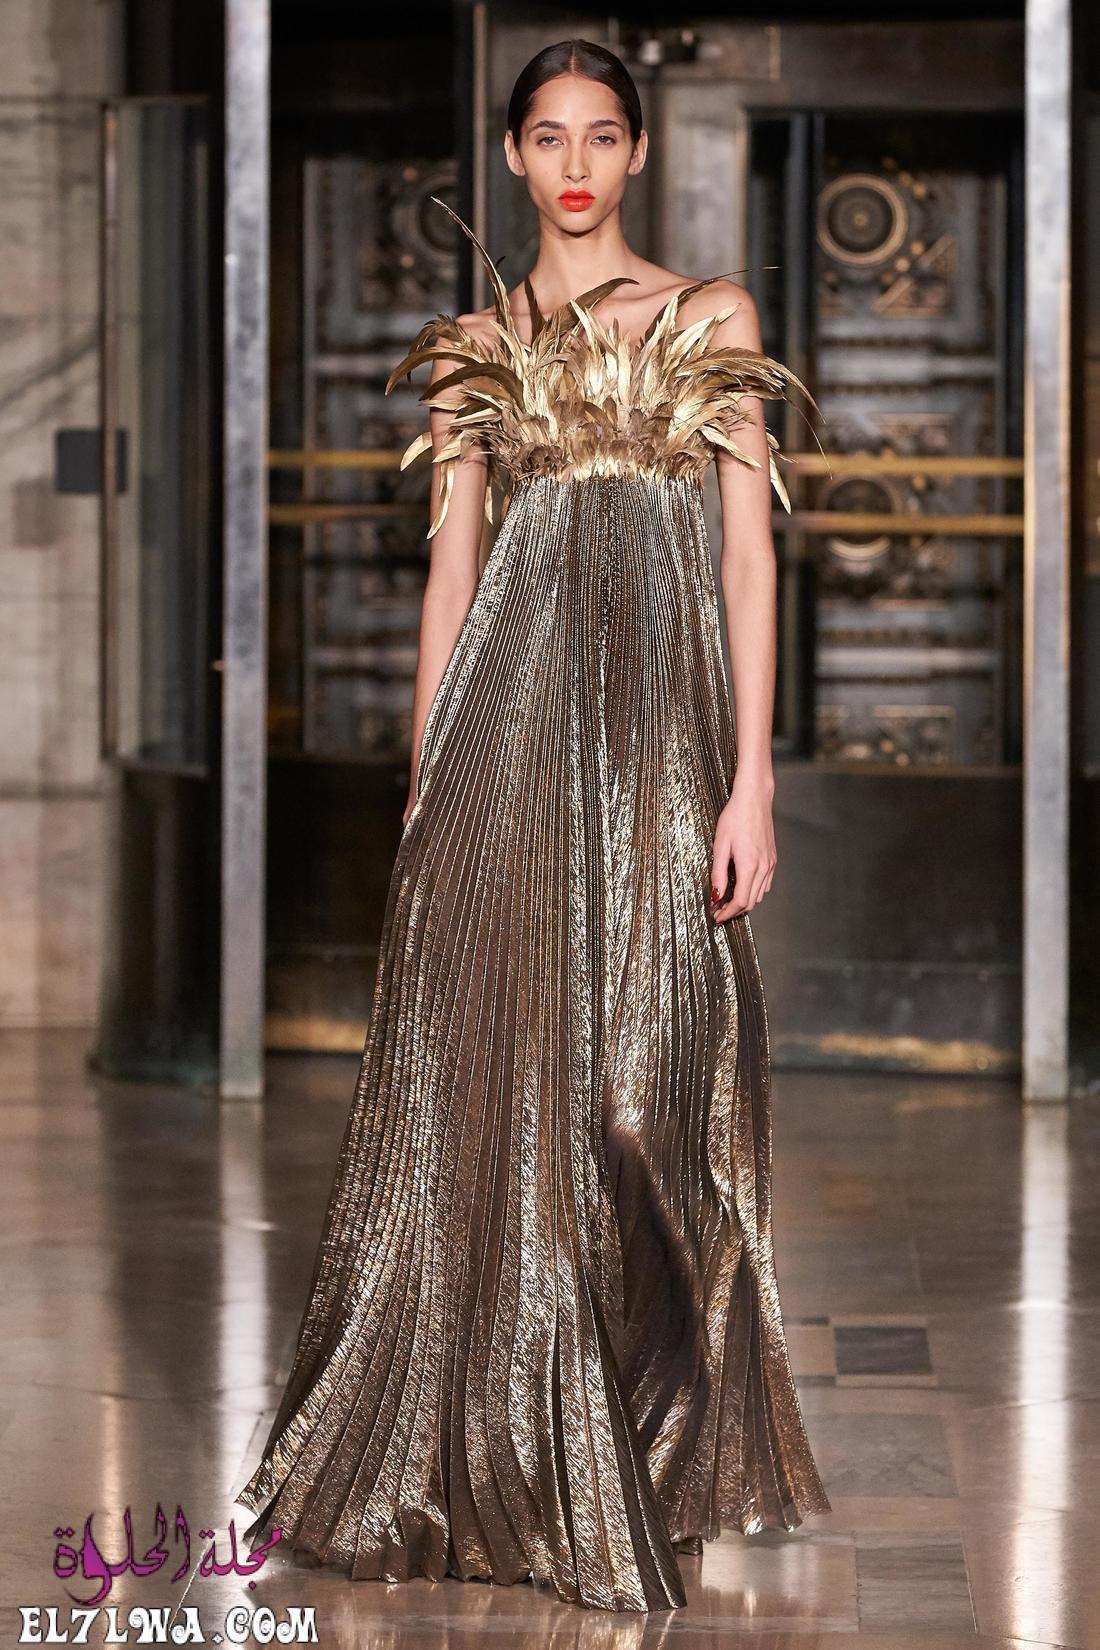 اجمل فساتين سهرة 2021 موديلات فساتين سهرة موضة 2021 قد م المصممون مجموعة من أجمل فساتين سهرة لعام ٢٠٢١ مزينة بالترتر و Fashion High Fashion Looks Fashion Week